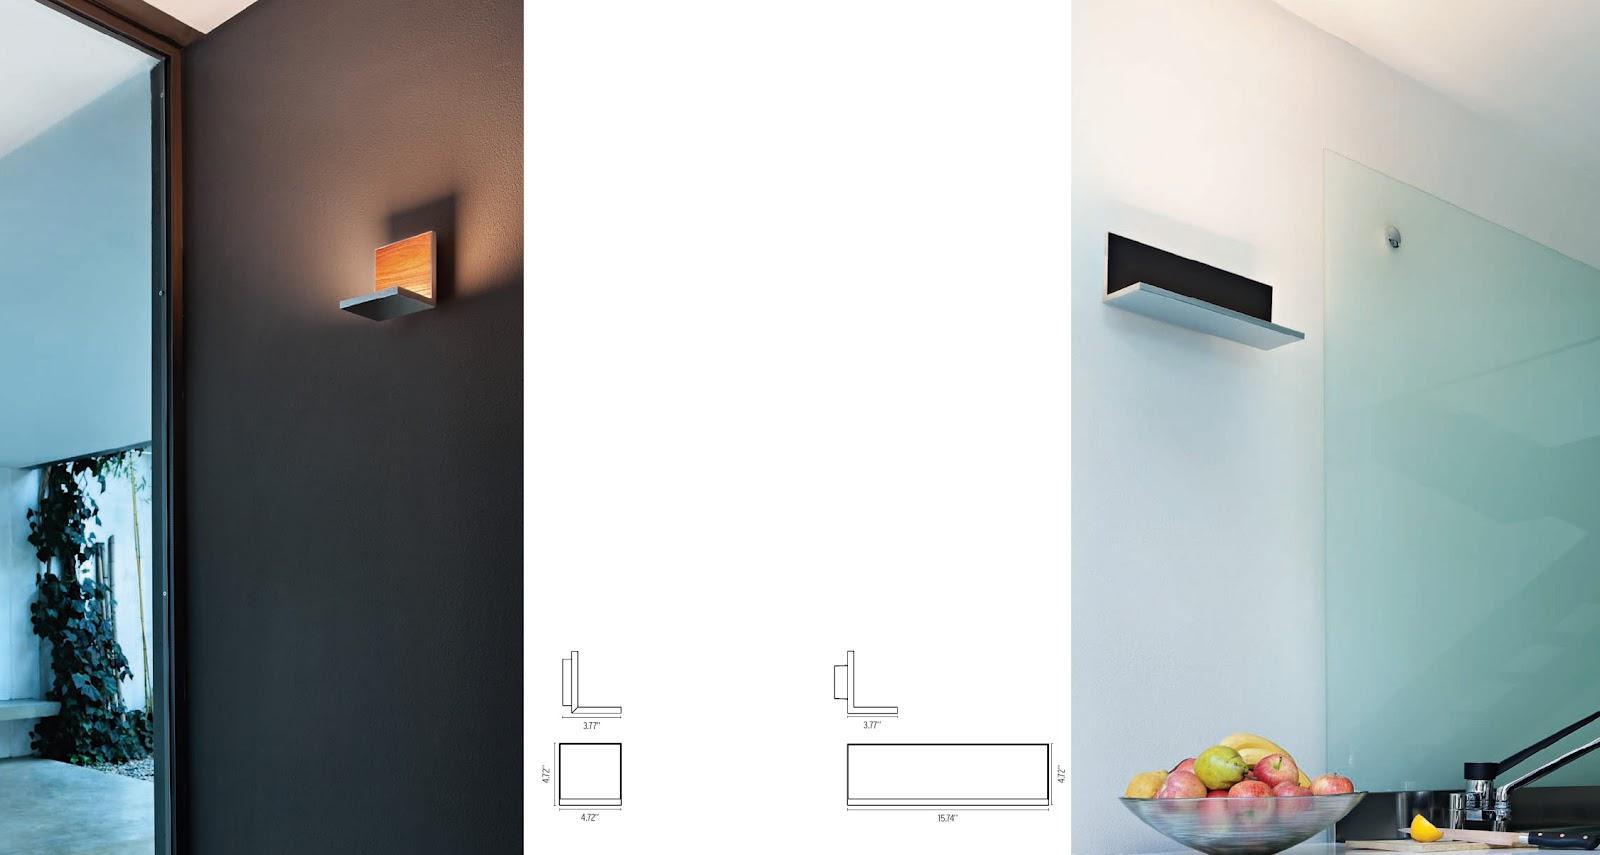 Bagno in ispirazioni camera lampade specchio bagno flos